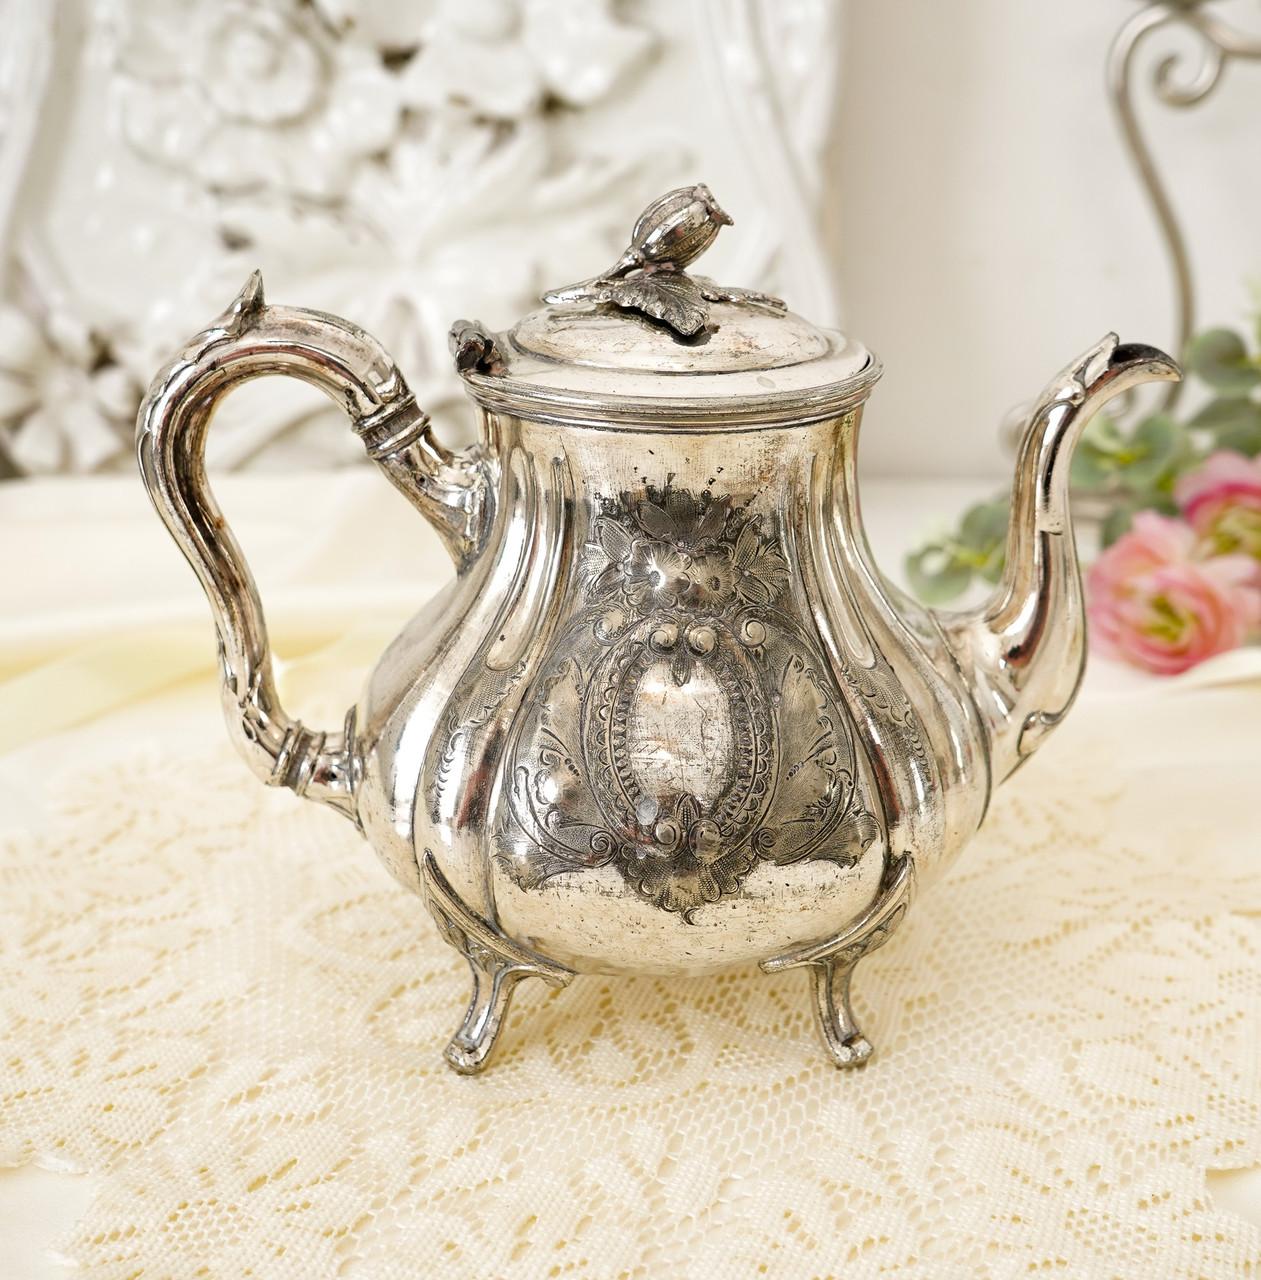 Посеребренный английский заварочный чайник, серебрение, мельхиор, GRAYSON & SON, Англия